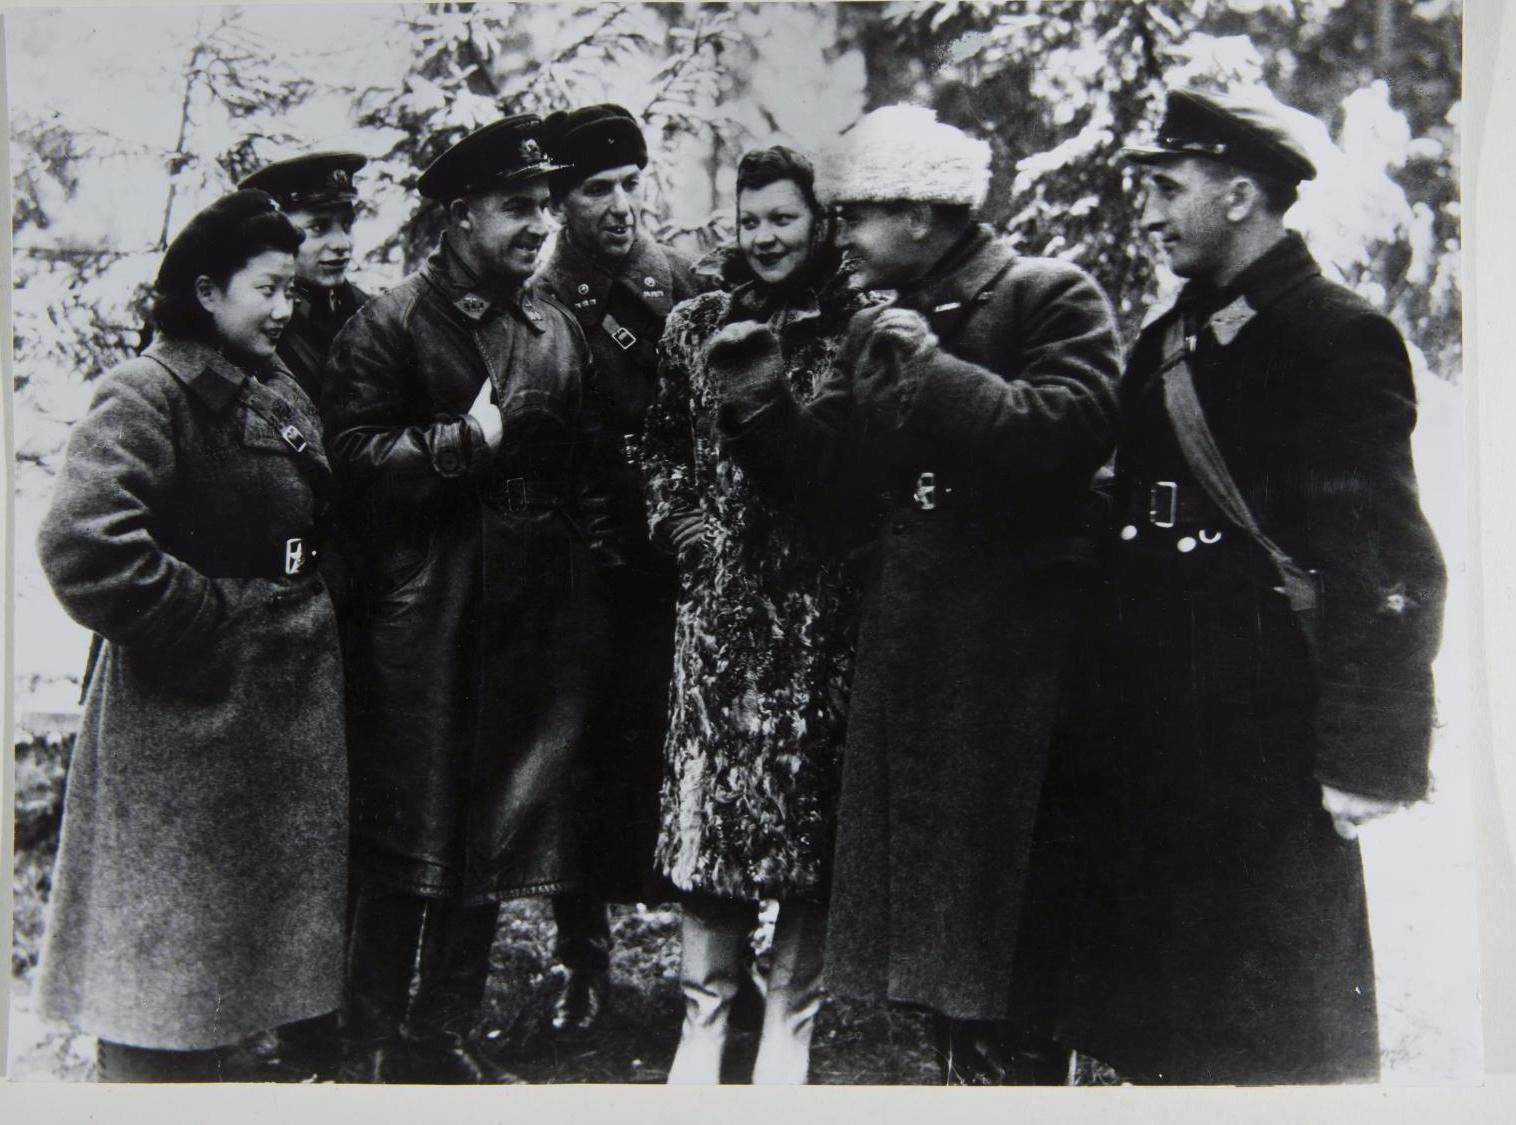 1942. Клавдия Ивановна Шульженко и участники концертной фронтовой бригады.